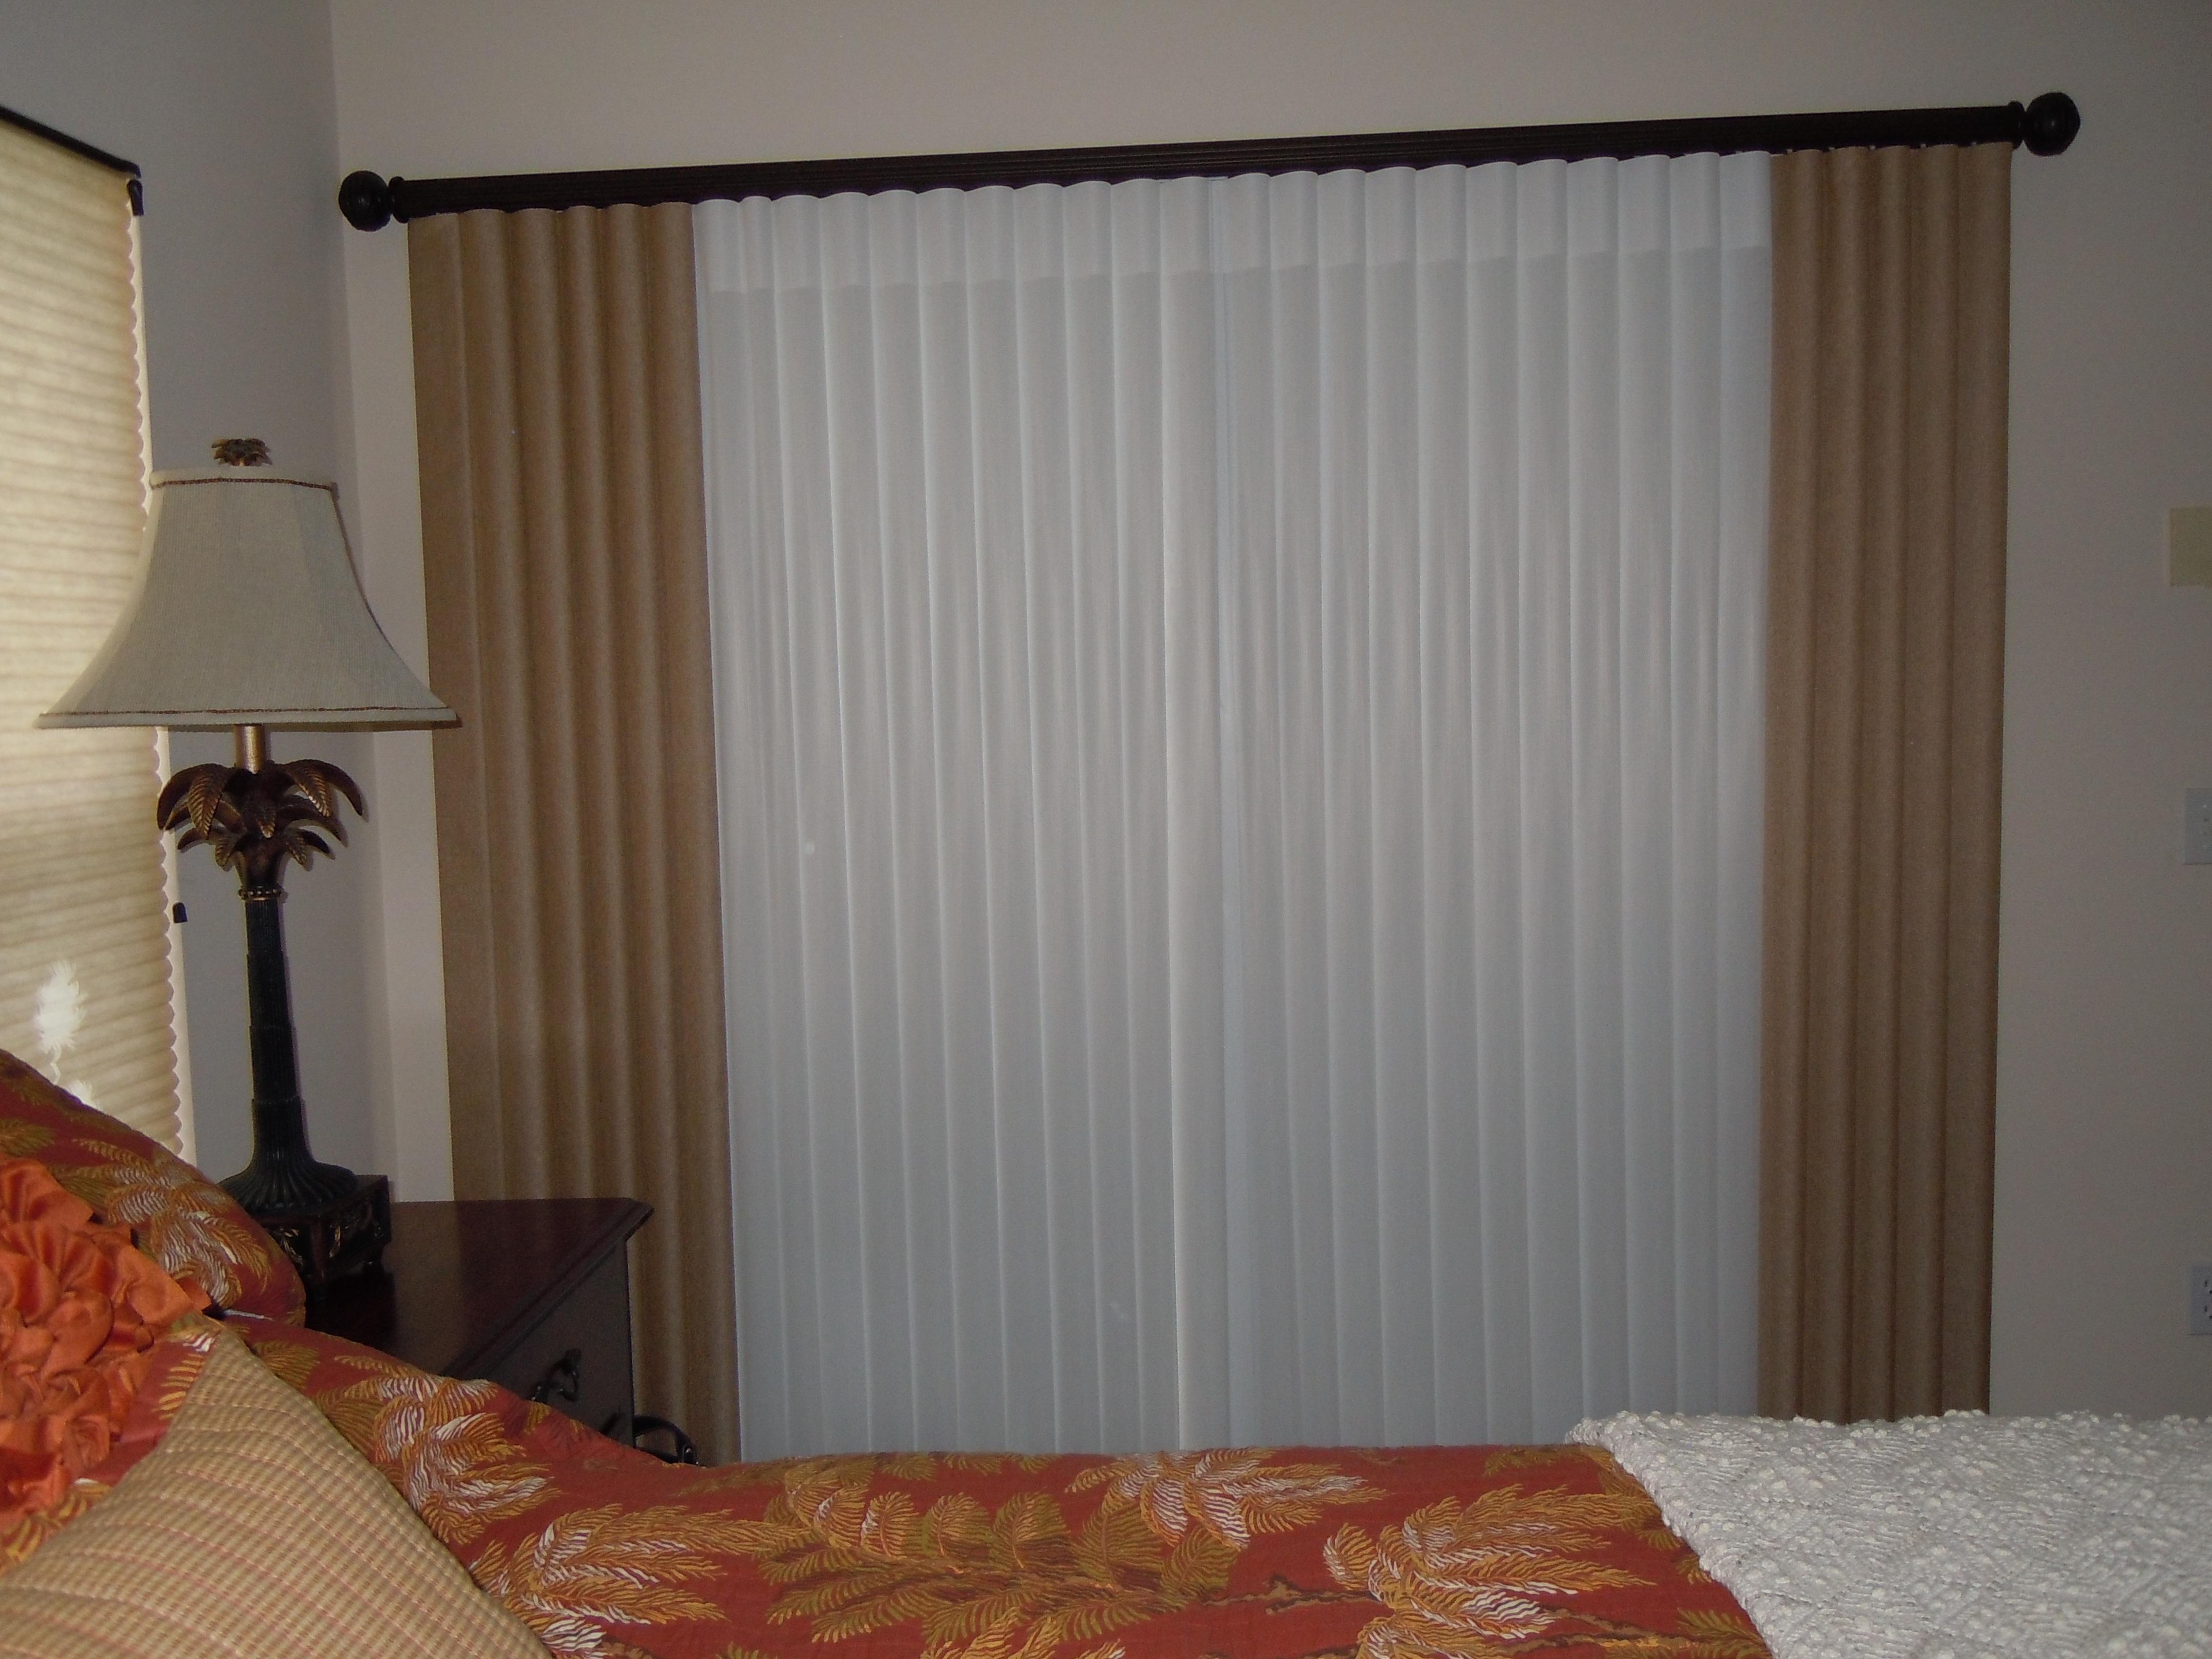 Sliding Glass Door Vertical Blinds Inside Mountvertical blinds for sliding glass doors window treatment ideas hgnv